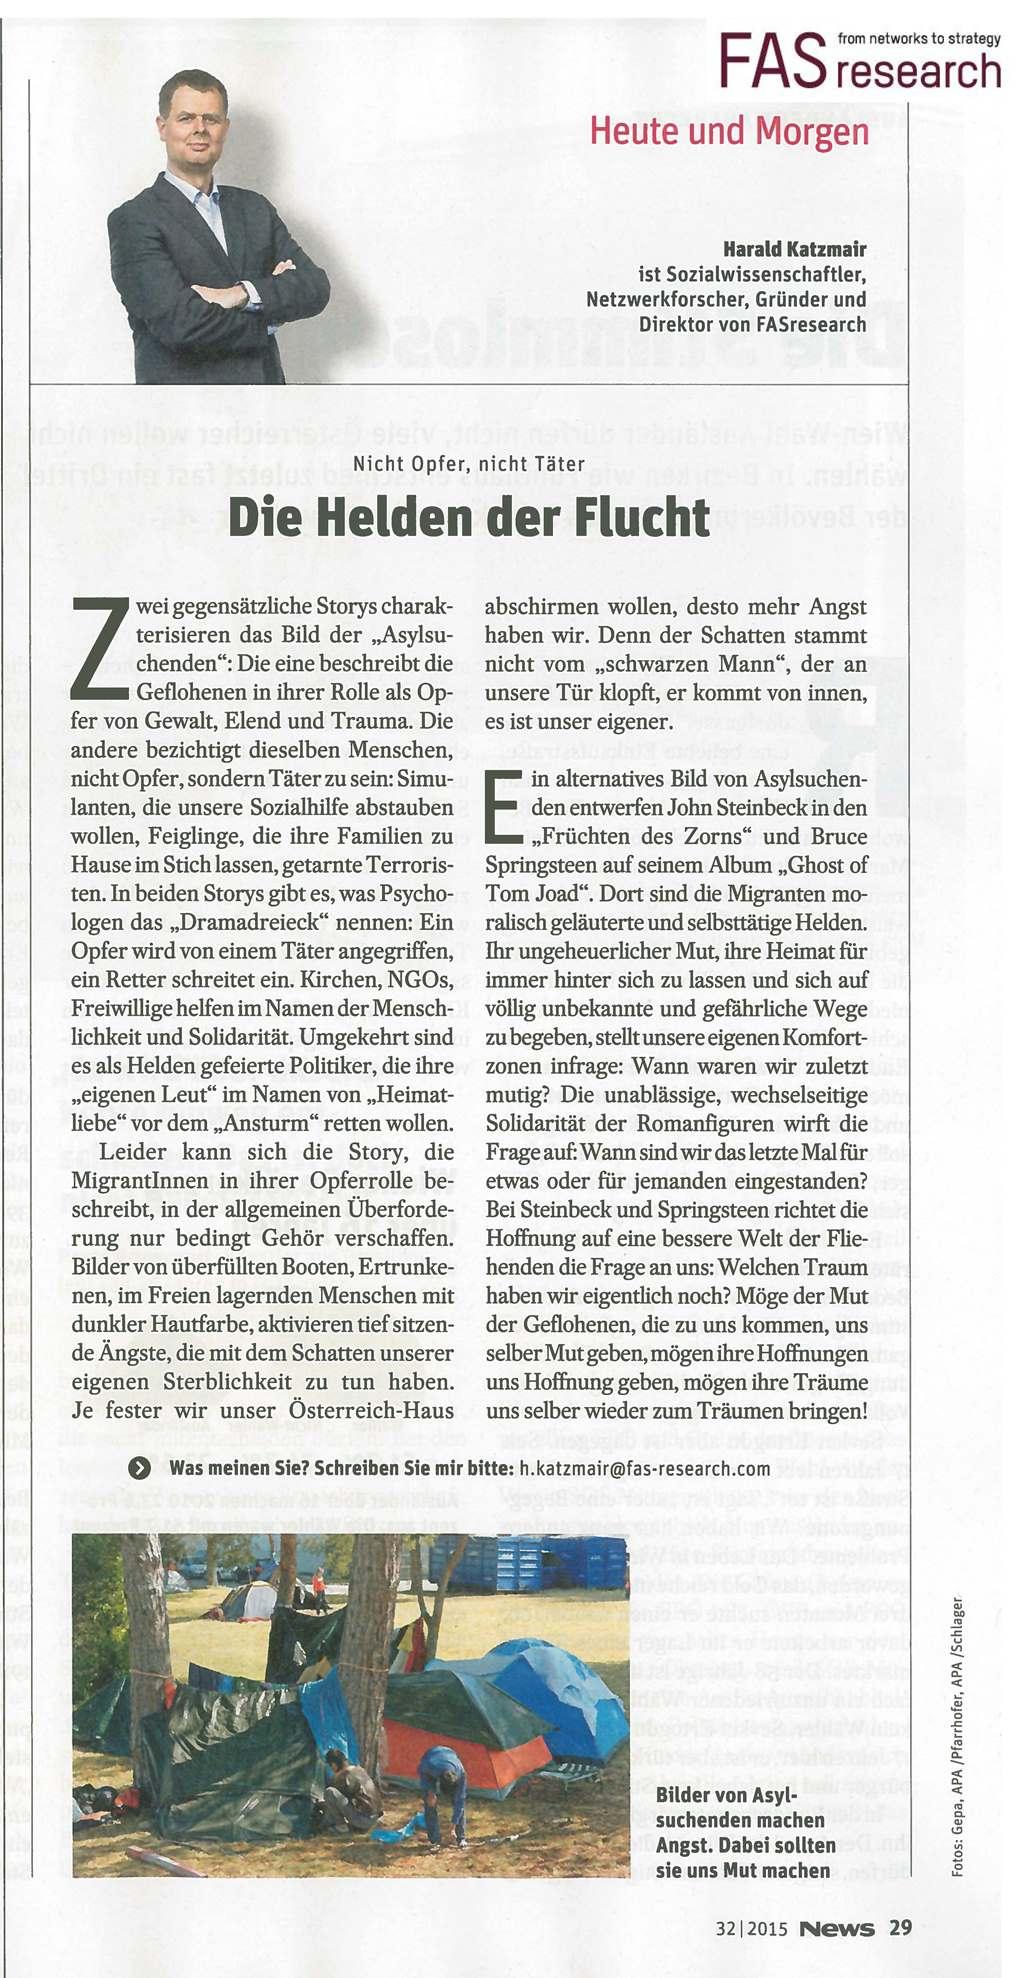 FAS-Katzmair_Die Helden der Flucht_NEWS_20150808_small